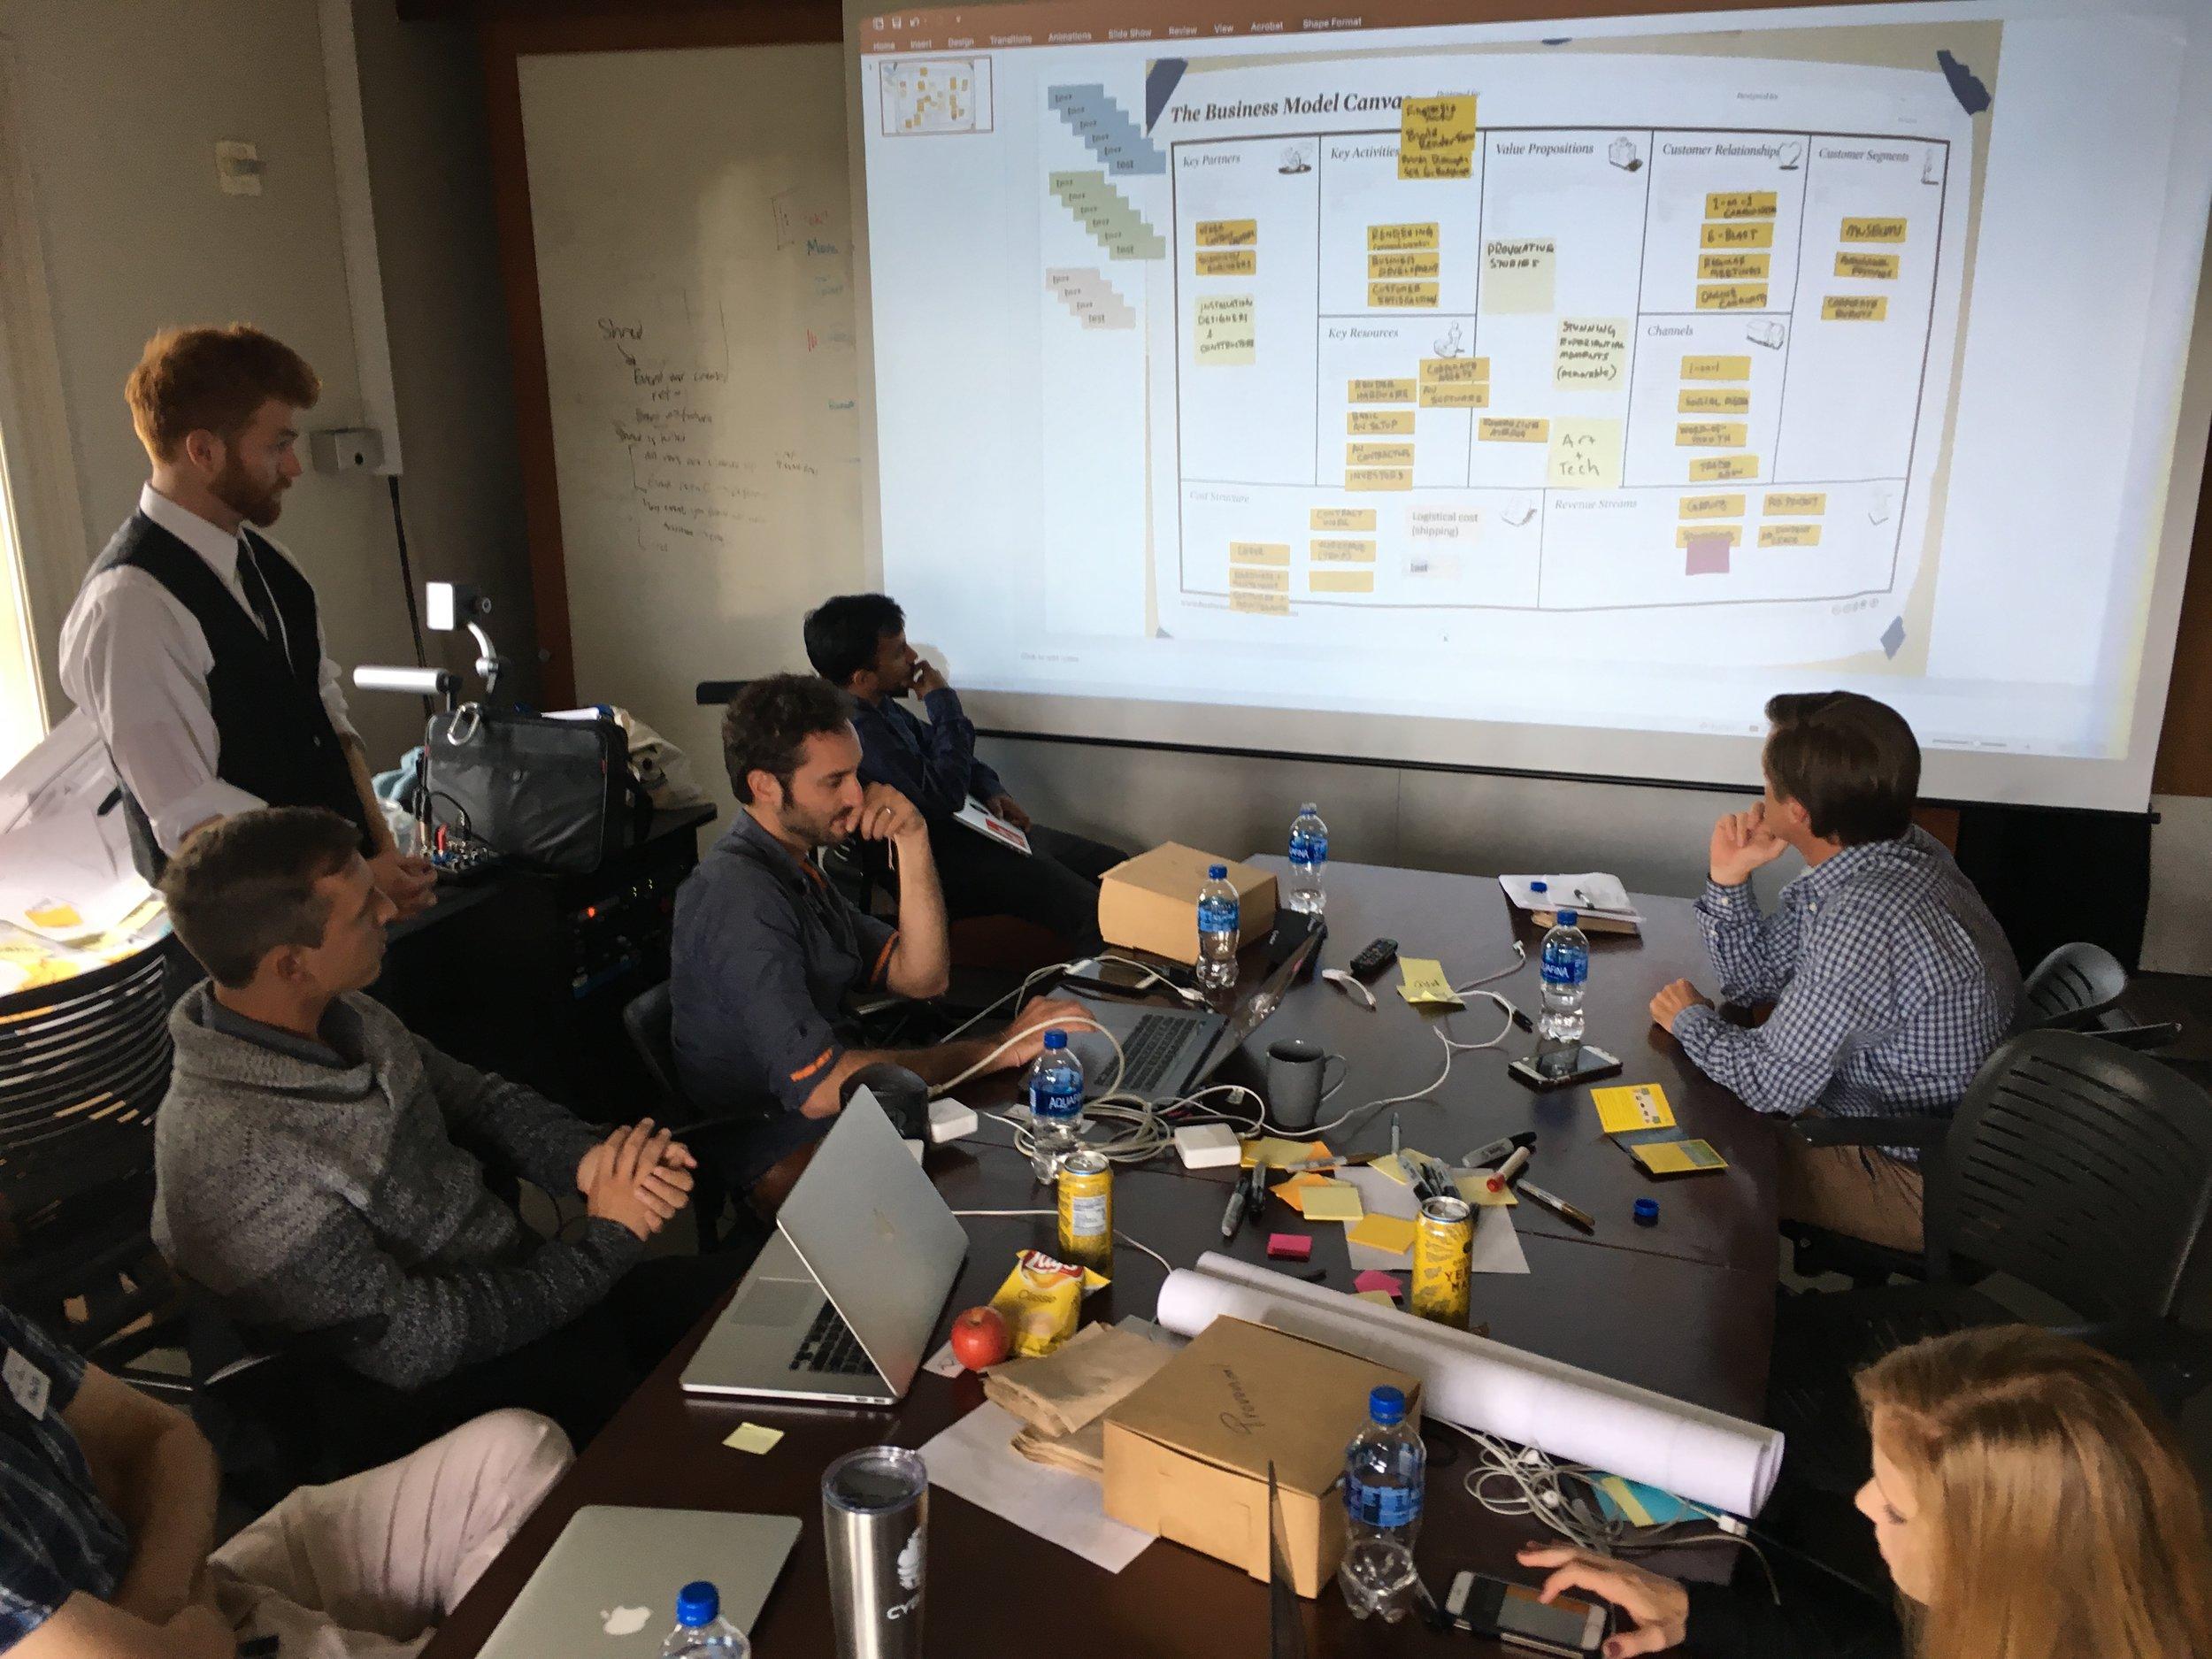 DAY 11:Talking to Investors - Silicon ValleyInvesting and business model critique from Greg Mertz (Lead Advisor, Technology Initiatives, Warner Bros Records; Co-PresidentChalkboard Music, Inc.; Mentor, Techstars), Josh Burwick (Tech Investor/Advisor/CFO), Matt Sandler (Startup Business Development, Amazon; Entrepreneur in Residence - Music, Techstars) andPascal Pilon (CEO, LANDR)